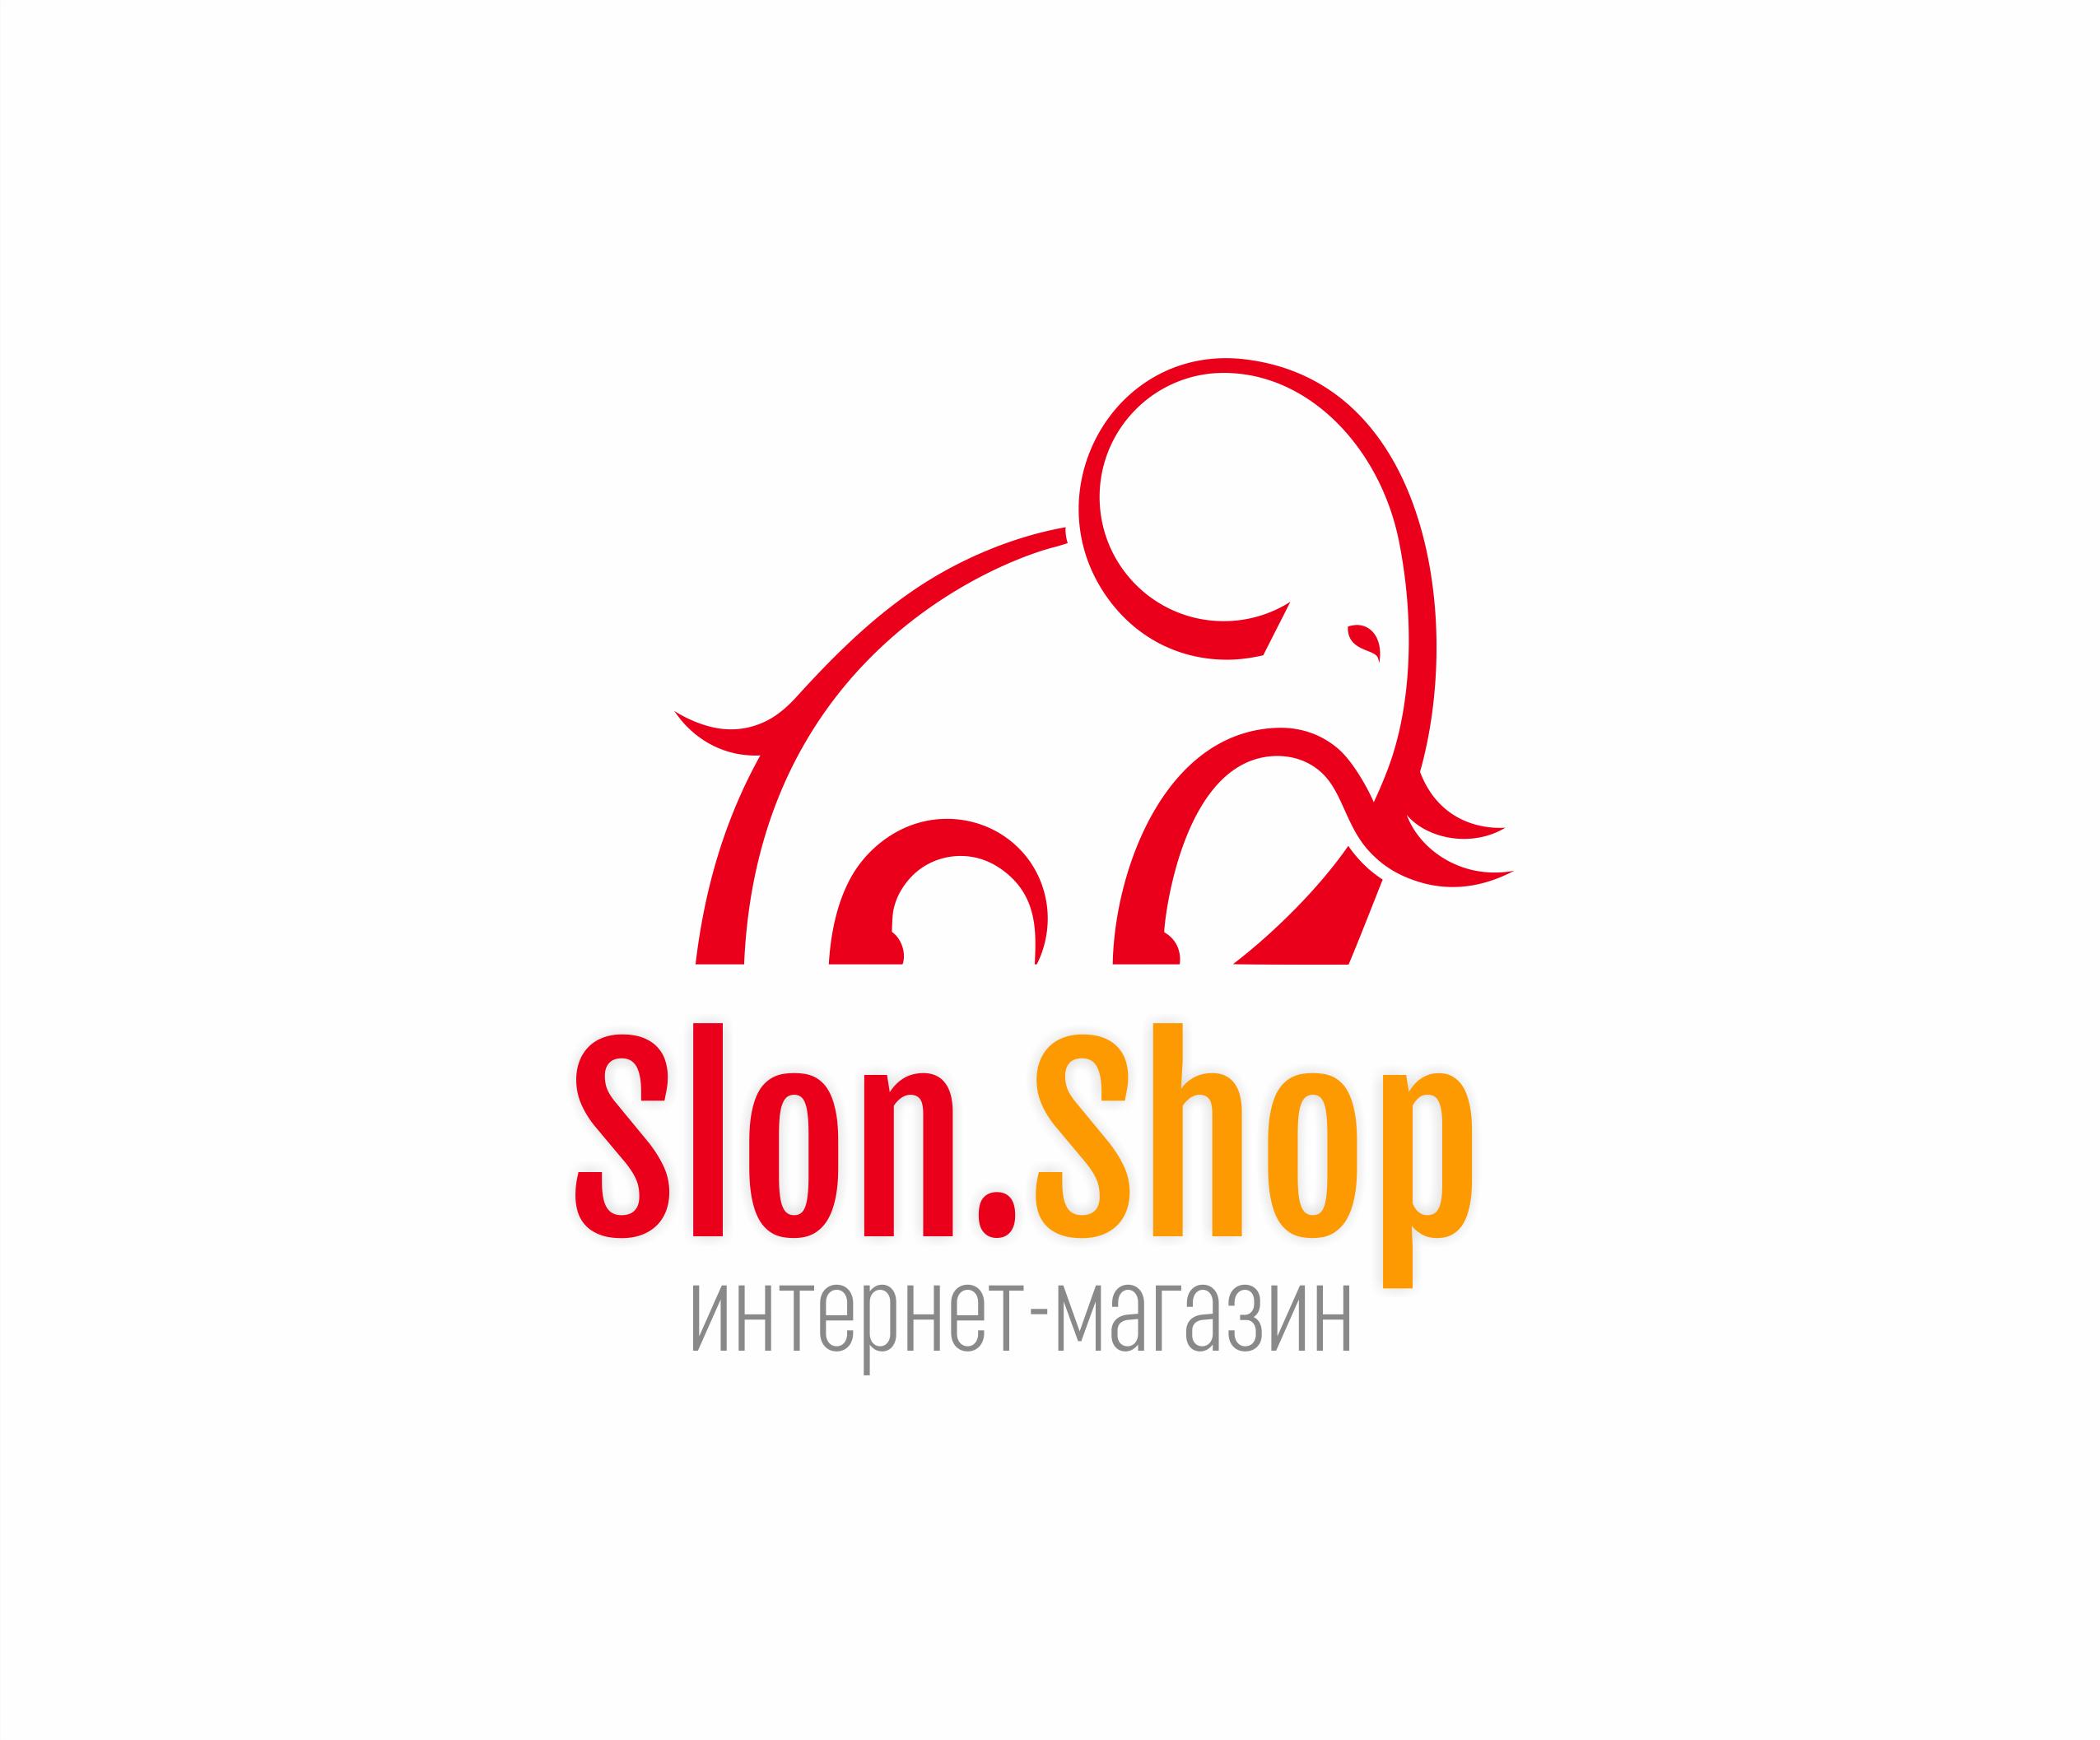 Разработать логотип и фирменный стиль интернет-магазина  фото f_667598d908ba0db8.png